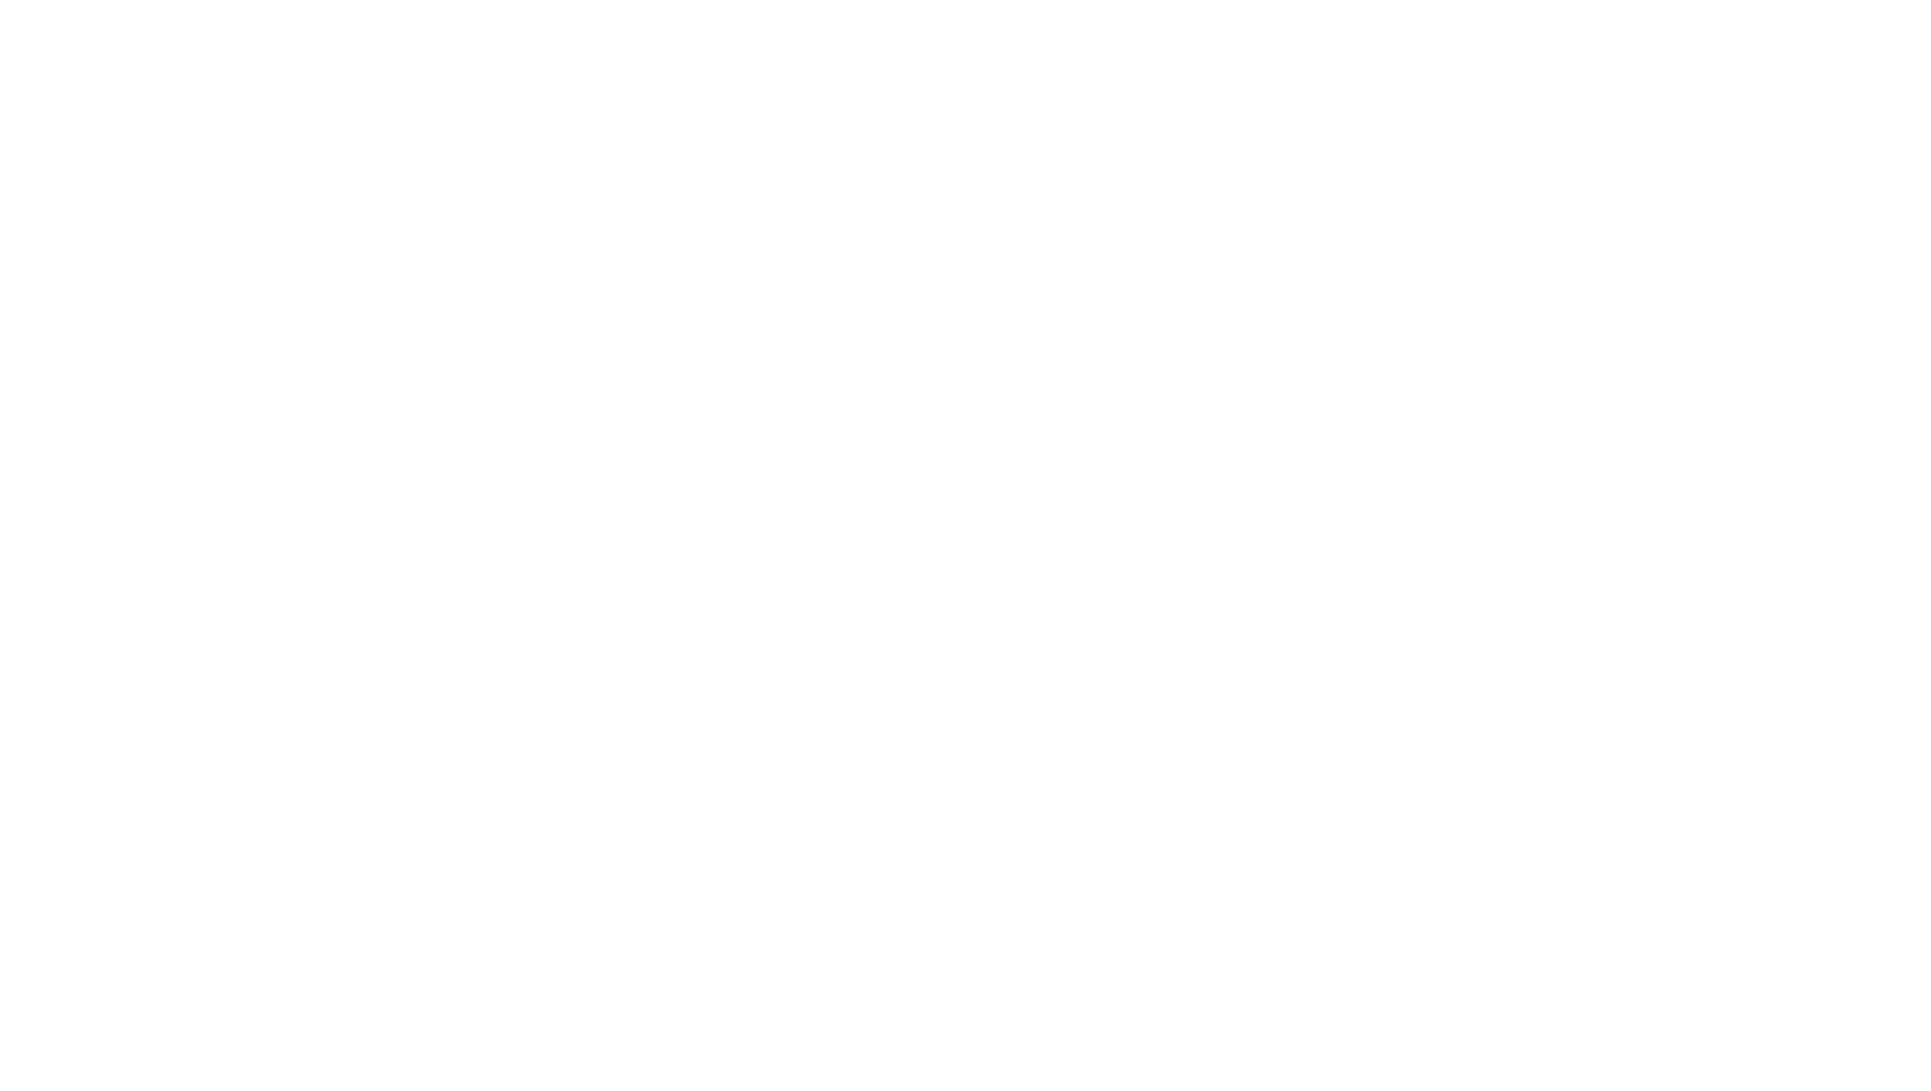 Achtergrond patroon